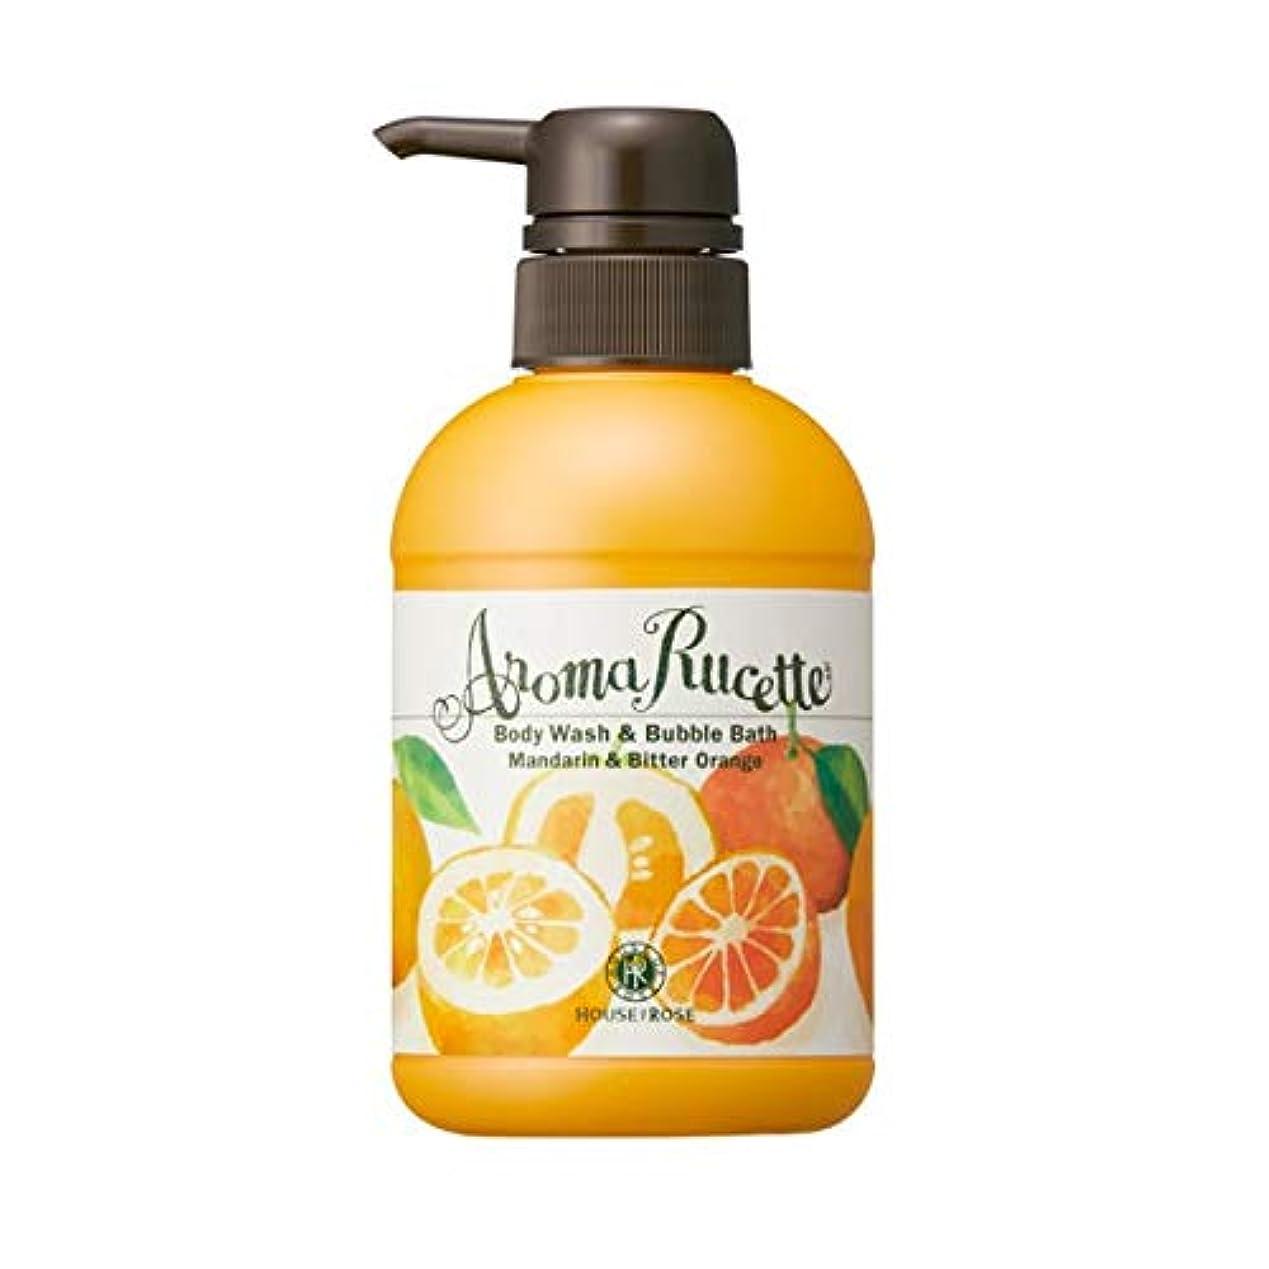 HOUSE OF ROSE(ハウスオブローゼ) ハウスオブローゼ/アロマルセット ボディウォッシュ&バブルバス MD&BO(マンダリン&ビターオレンジの香り)350mL